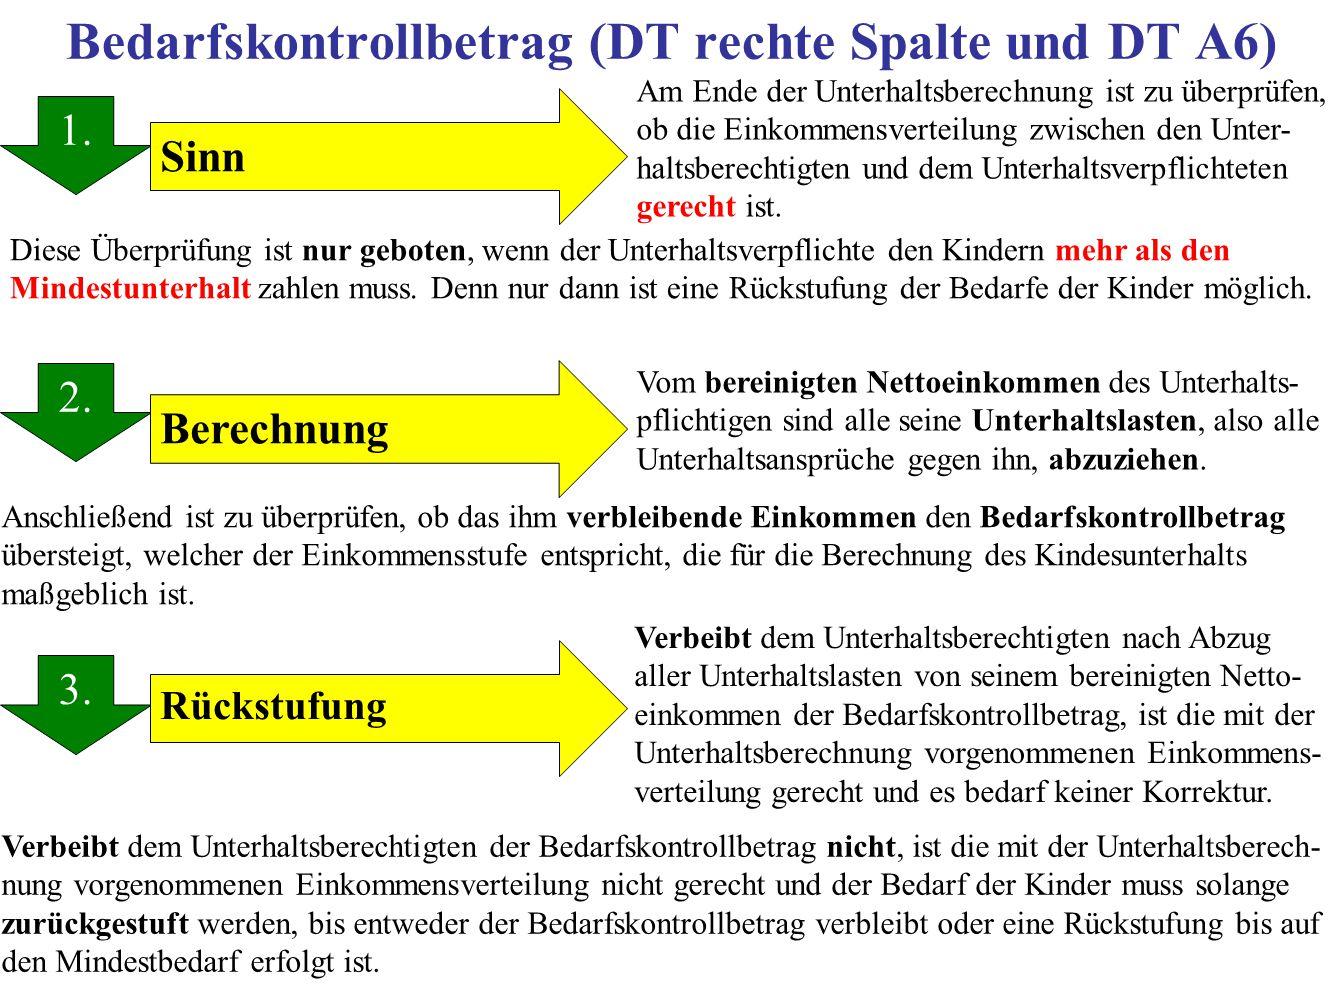 Bedarfskontrollbetrag (DT rechte Spalte und DT A6) 1.